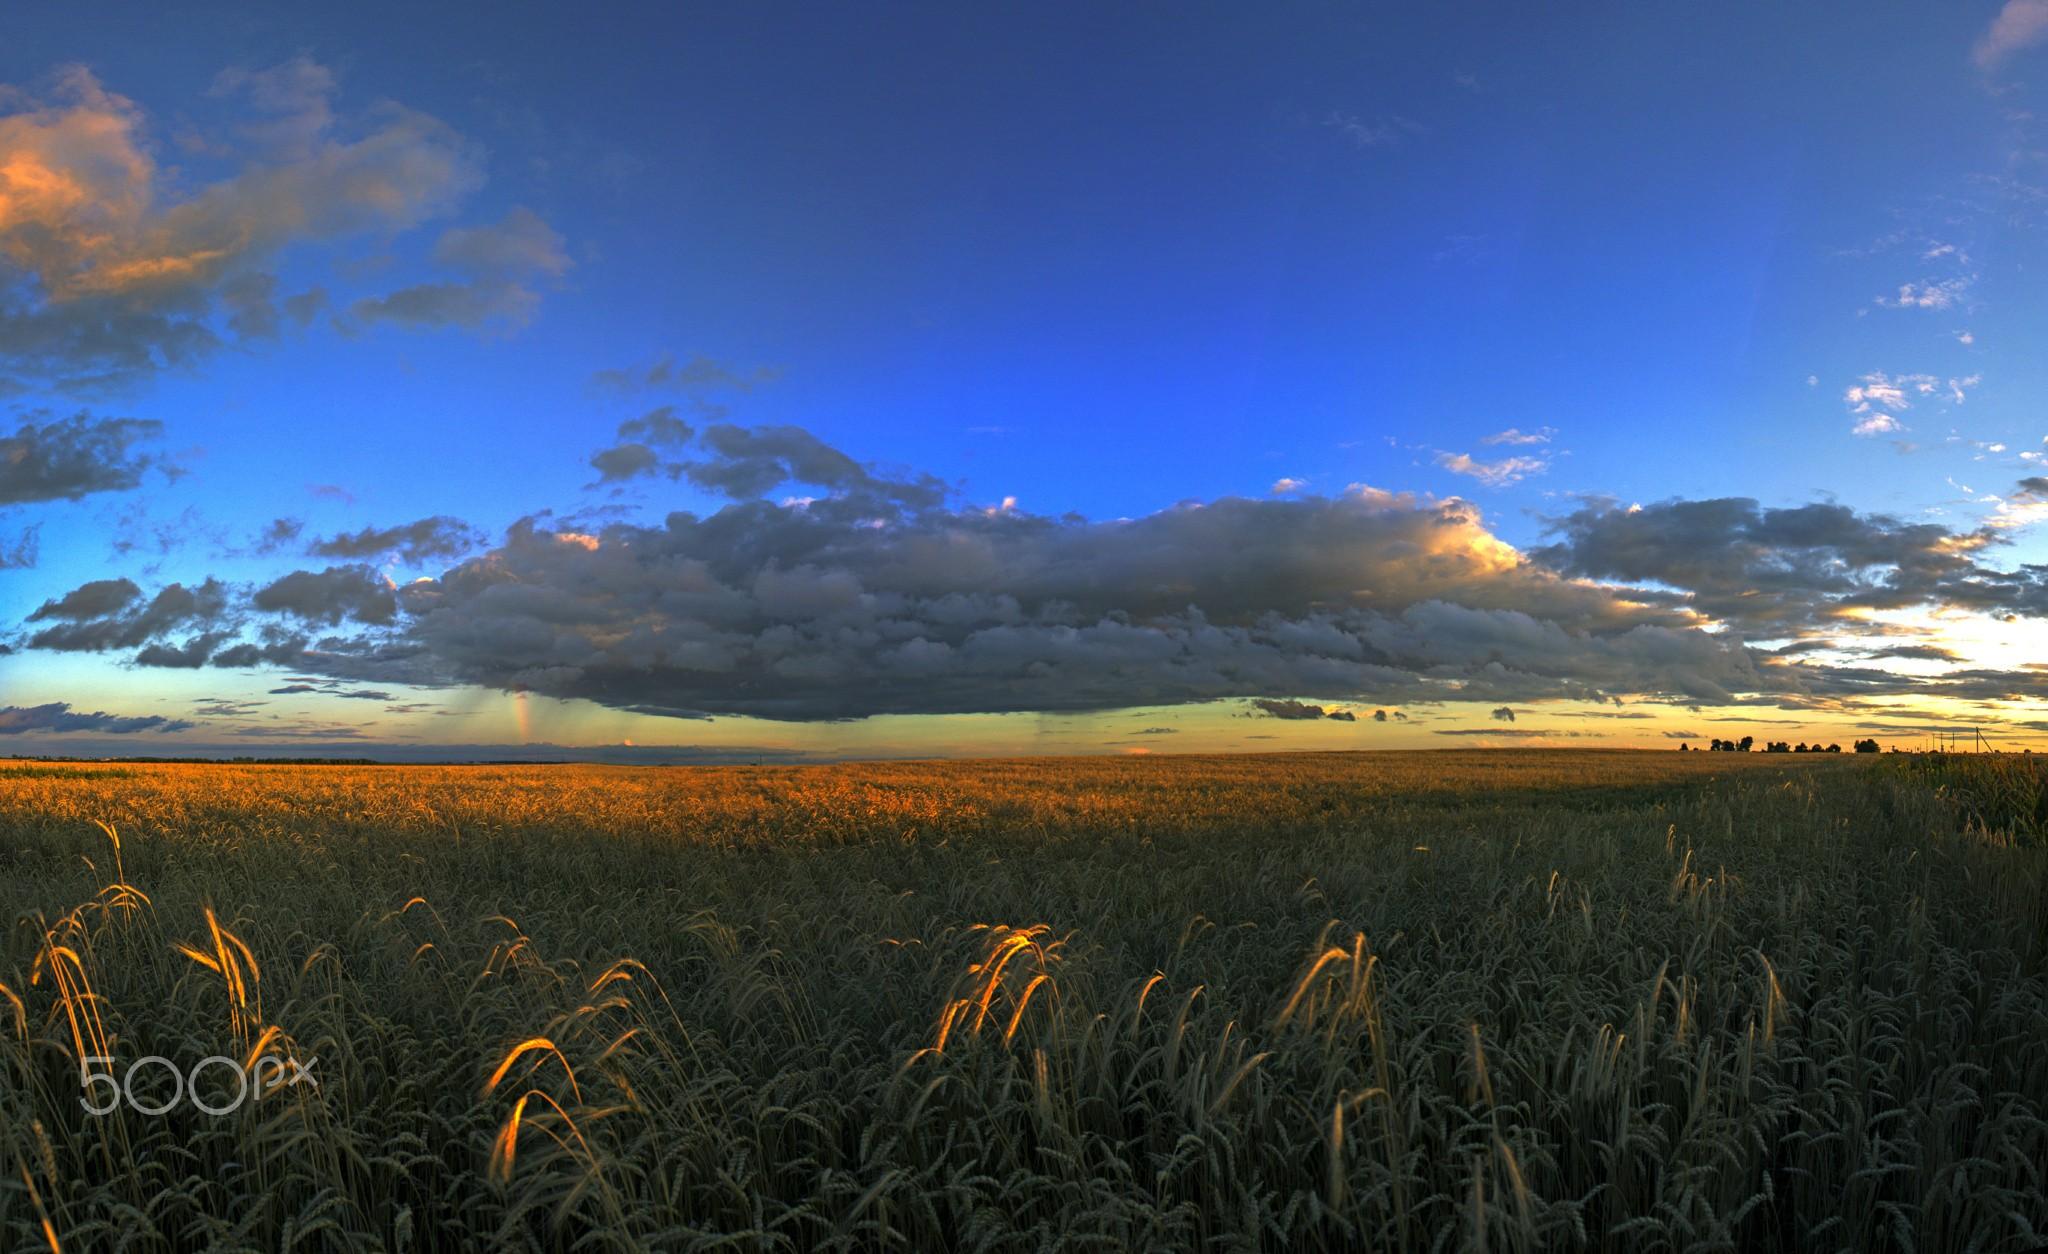 плохого очень качественные фото украинская степь этот